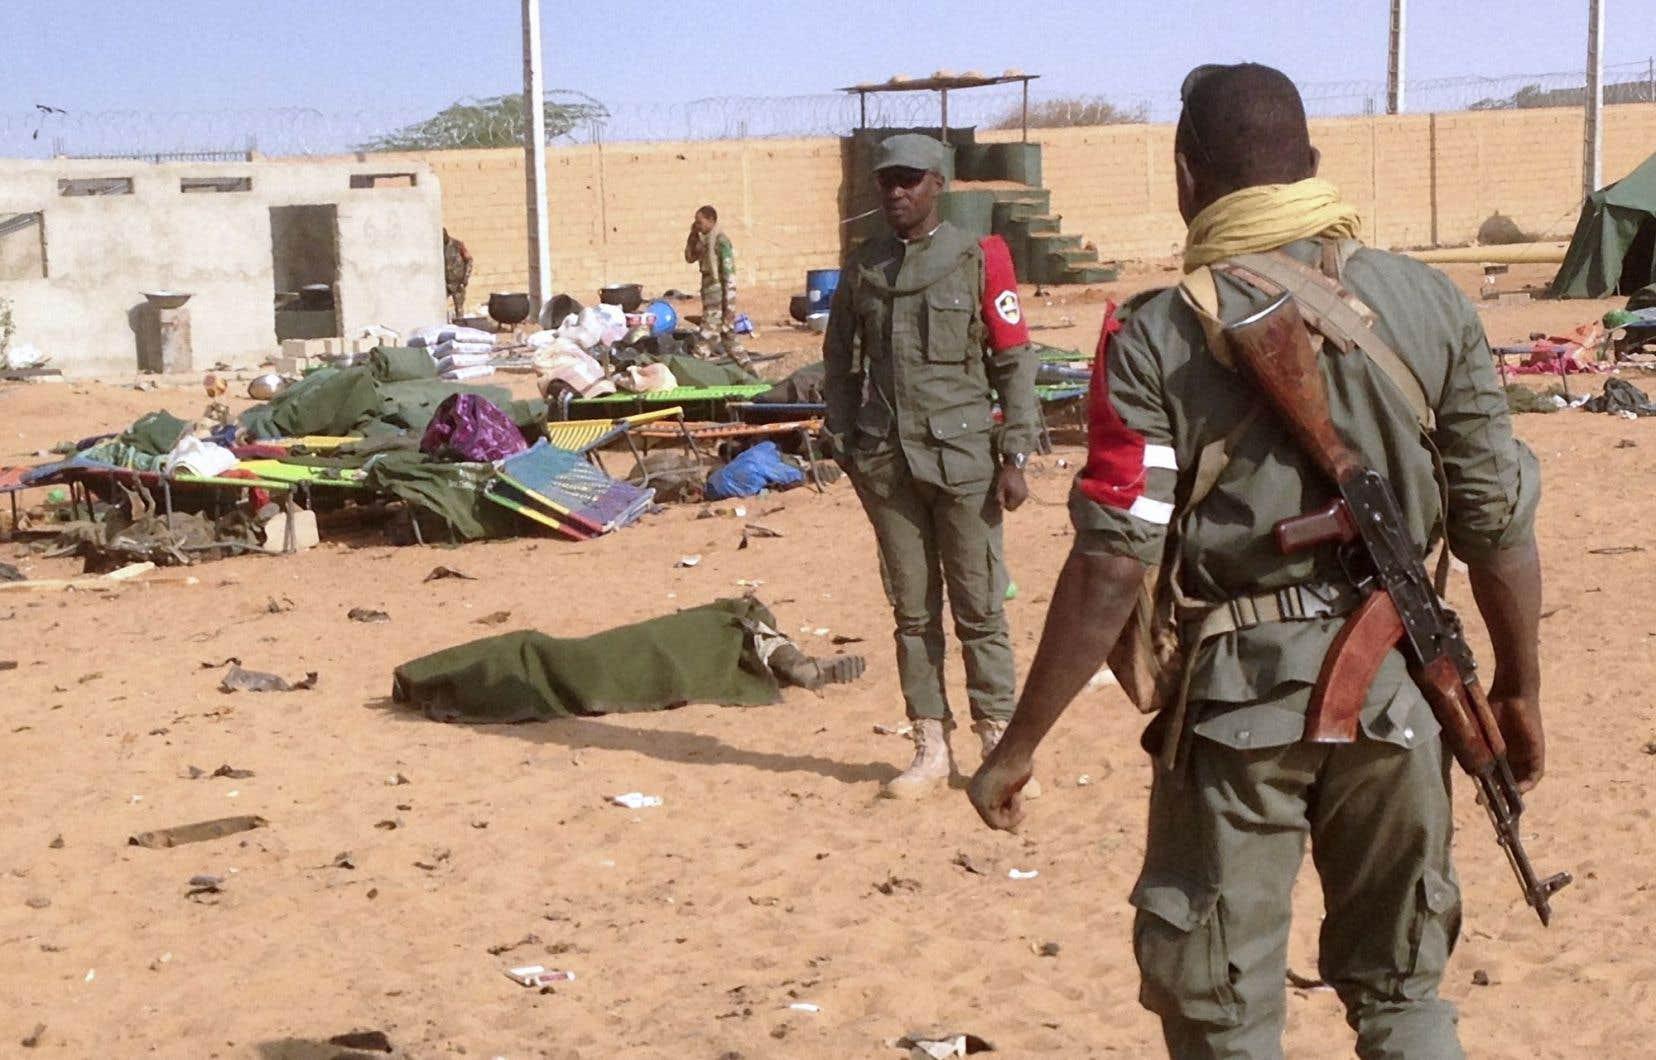 Le président Ibrahim Boubacar Keïta a annoncé au moins 60 morts et 115 blessés, sans préciser si ce bilan incluait le ou les auteurs de l'attentat.